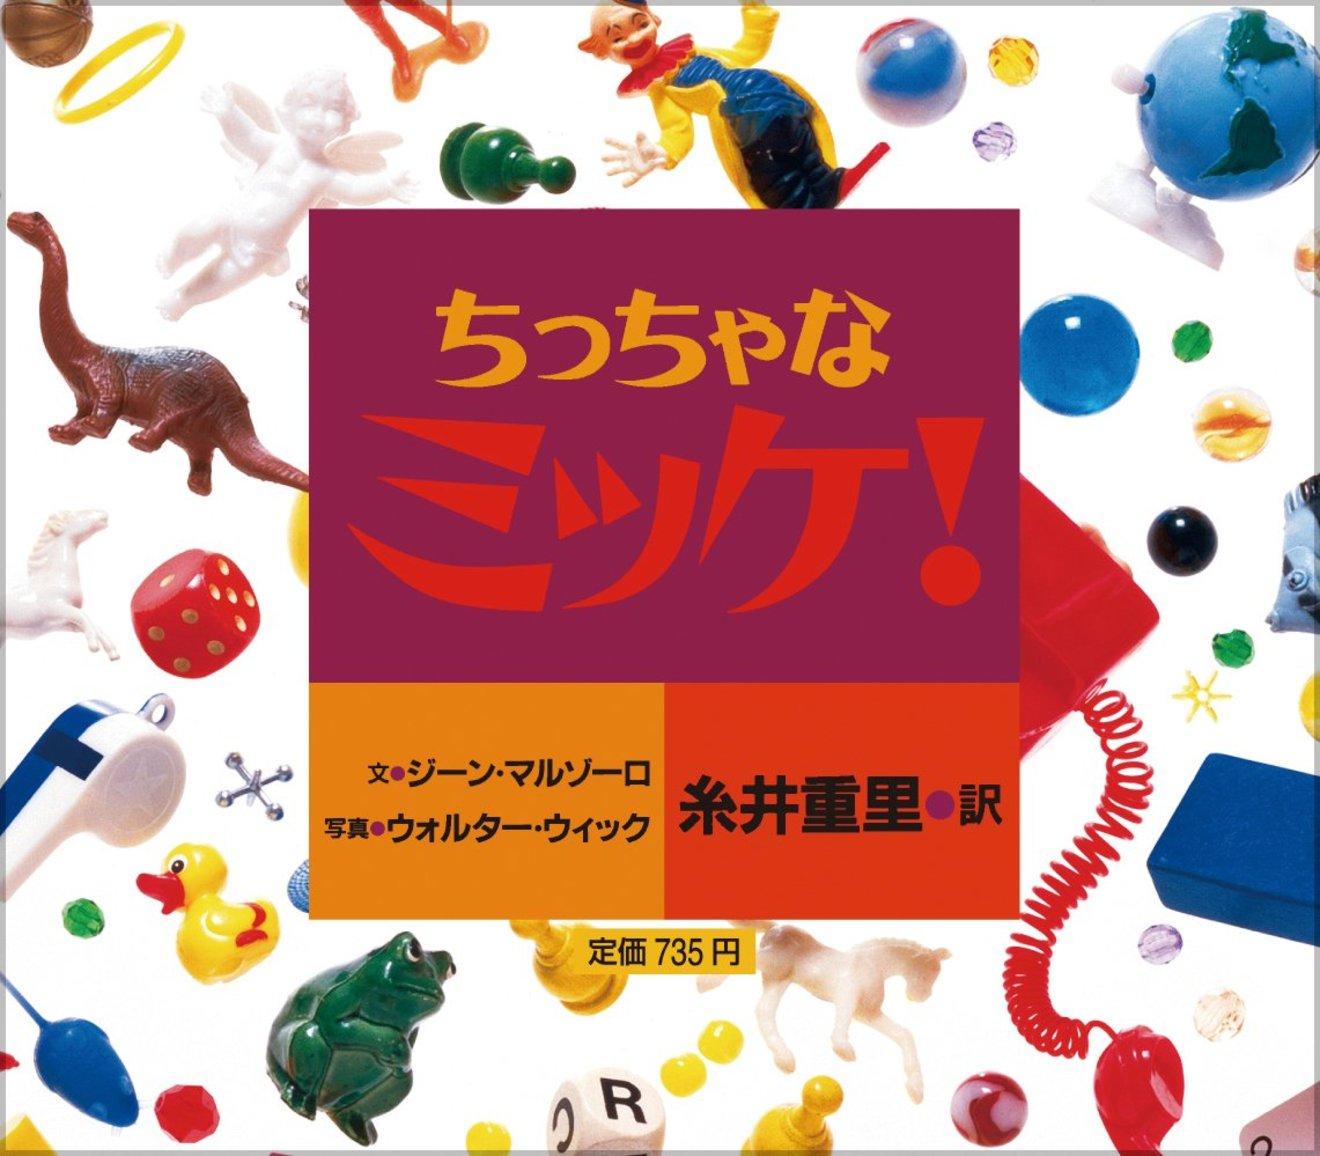 「ミッケ!」シリーズおすすめ5冊!親子で楽しめる絵本